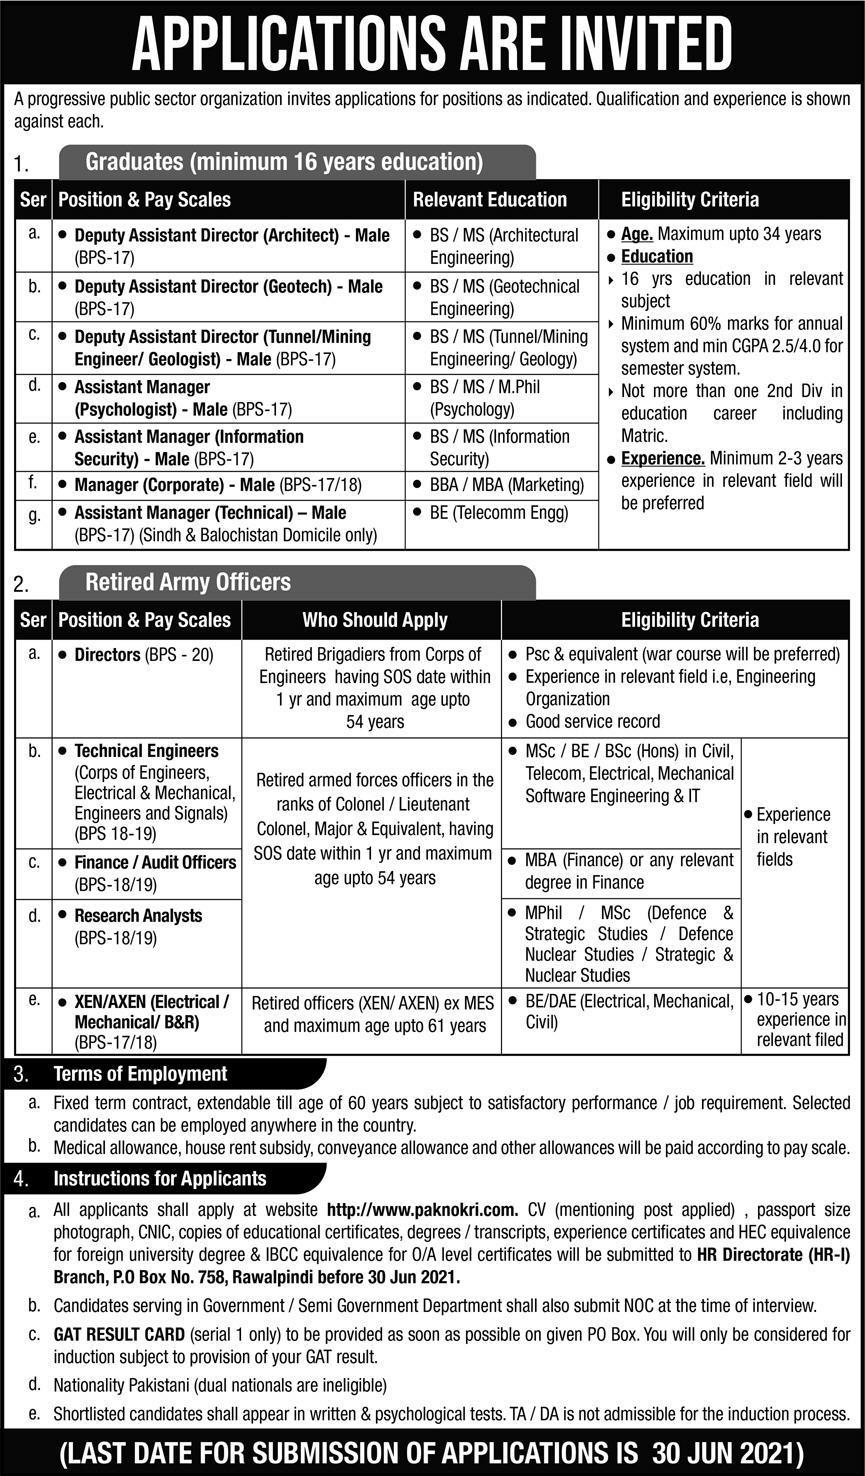 Progressive Public Sector Organization PO Box 758 Rawalpindi Jobs 2021 in Pakistan